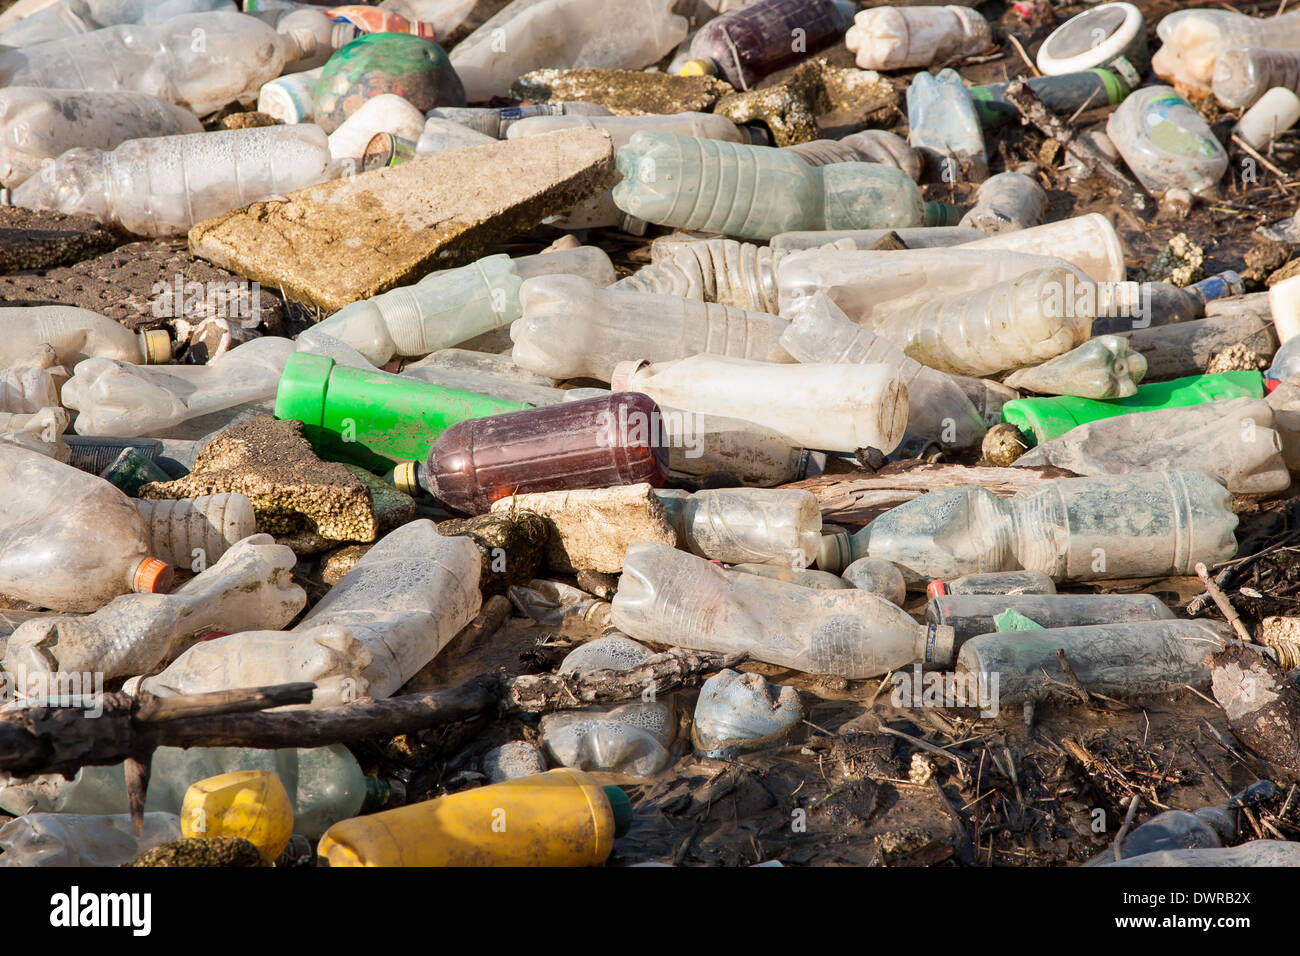 Inquinamento ambientale. Le bottiglie di plastica sulla discarica illegale Immagini Stock